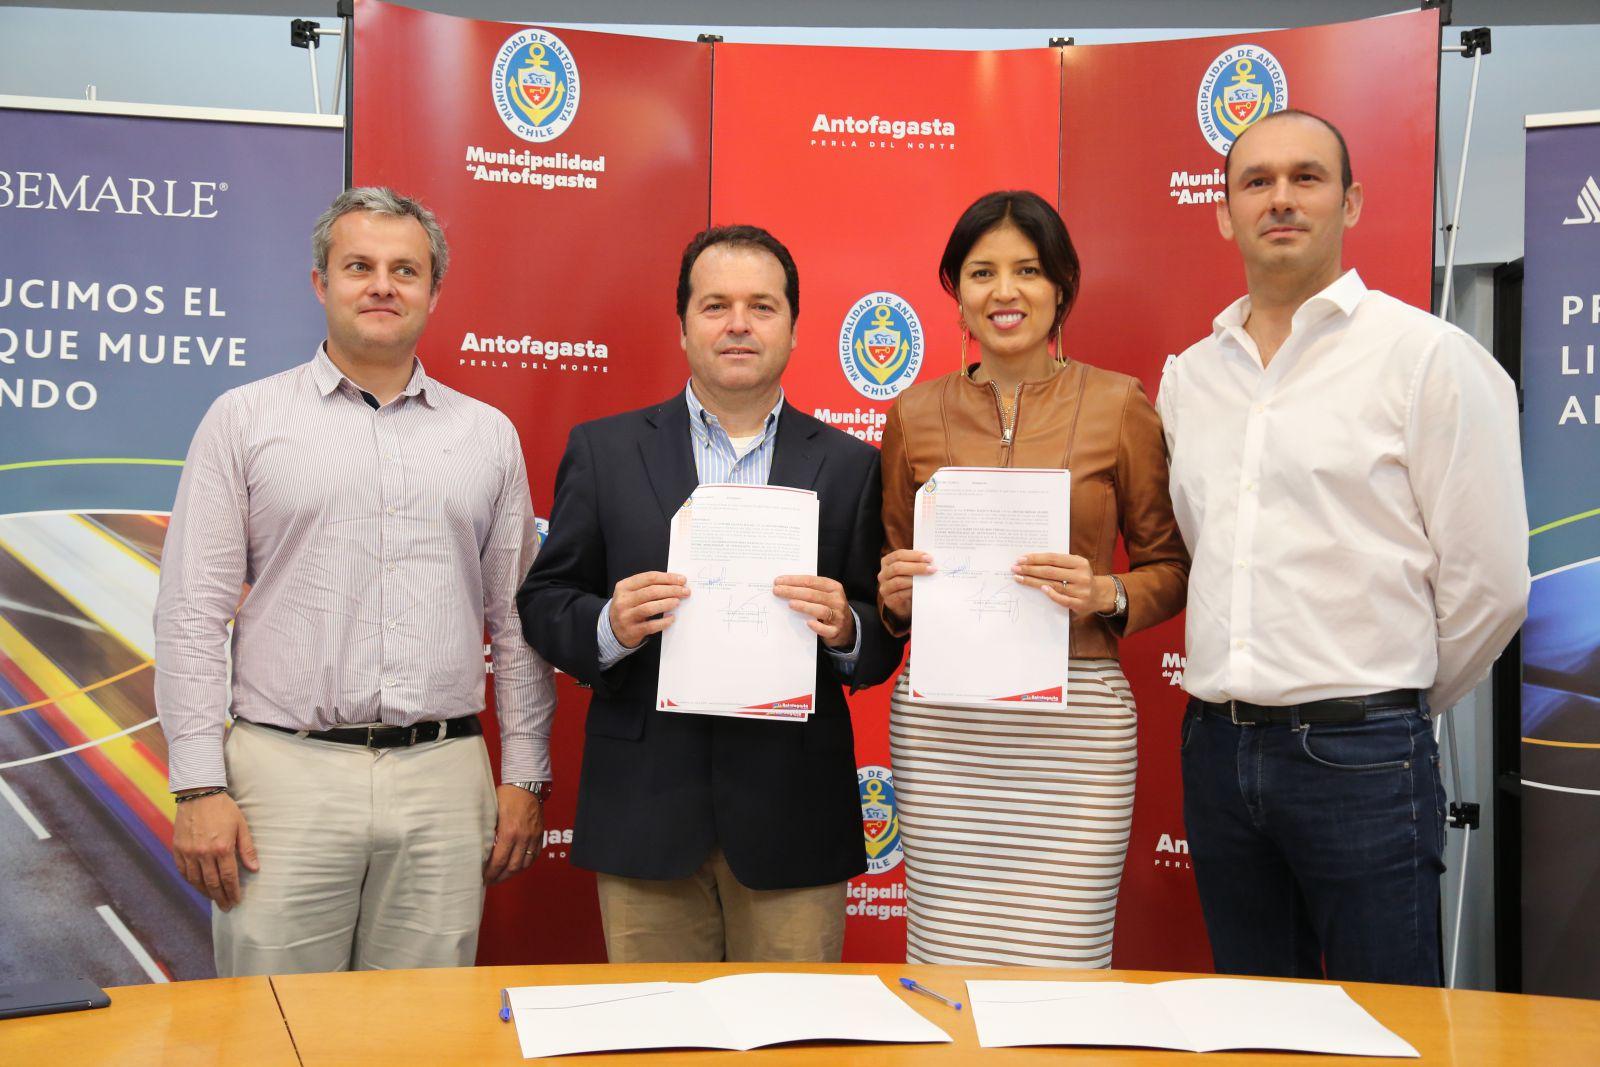 municipalidad-de-antofagasta-y-albemarle-firman-acuerdo-para-construccion-del-parque-perla-del-norte